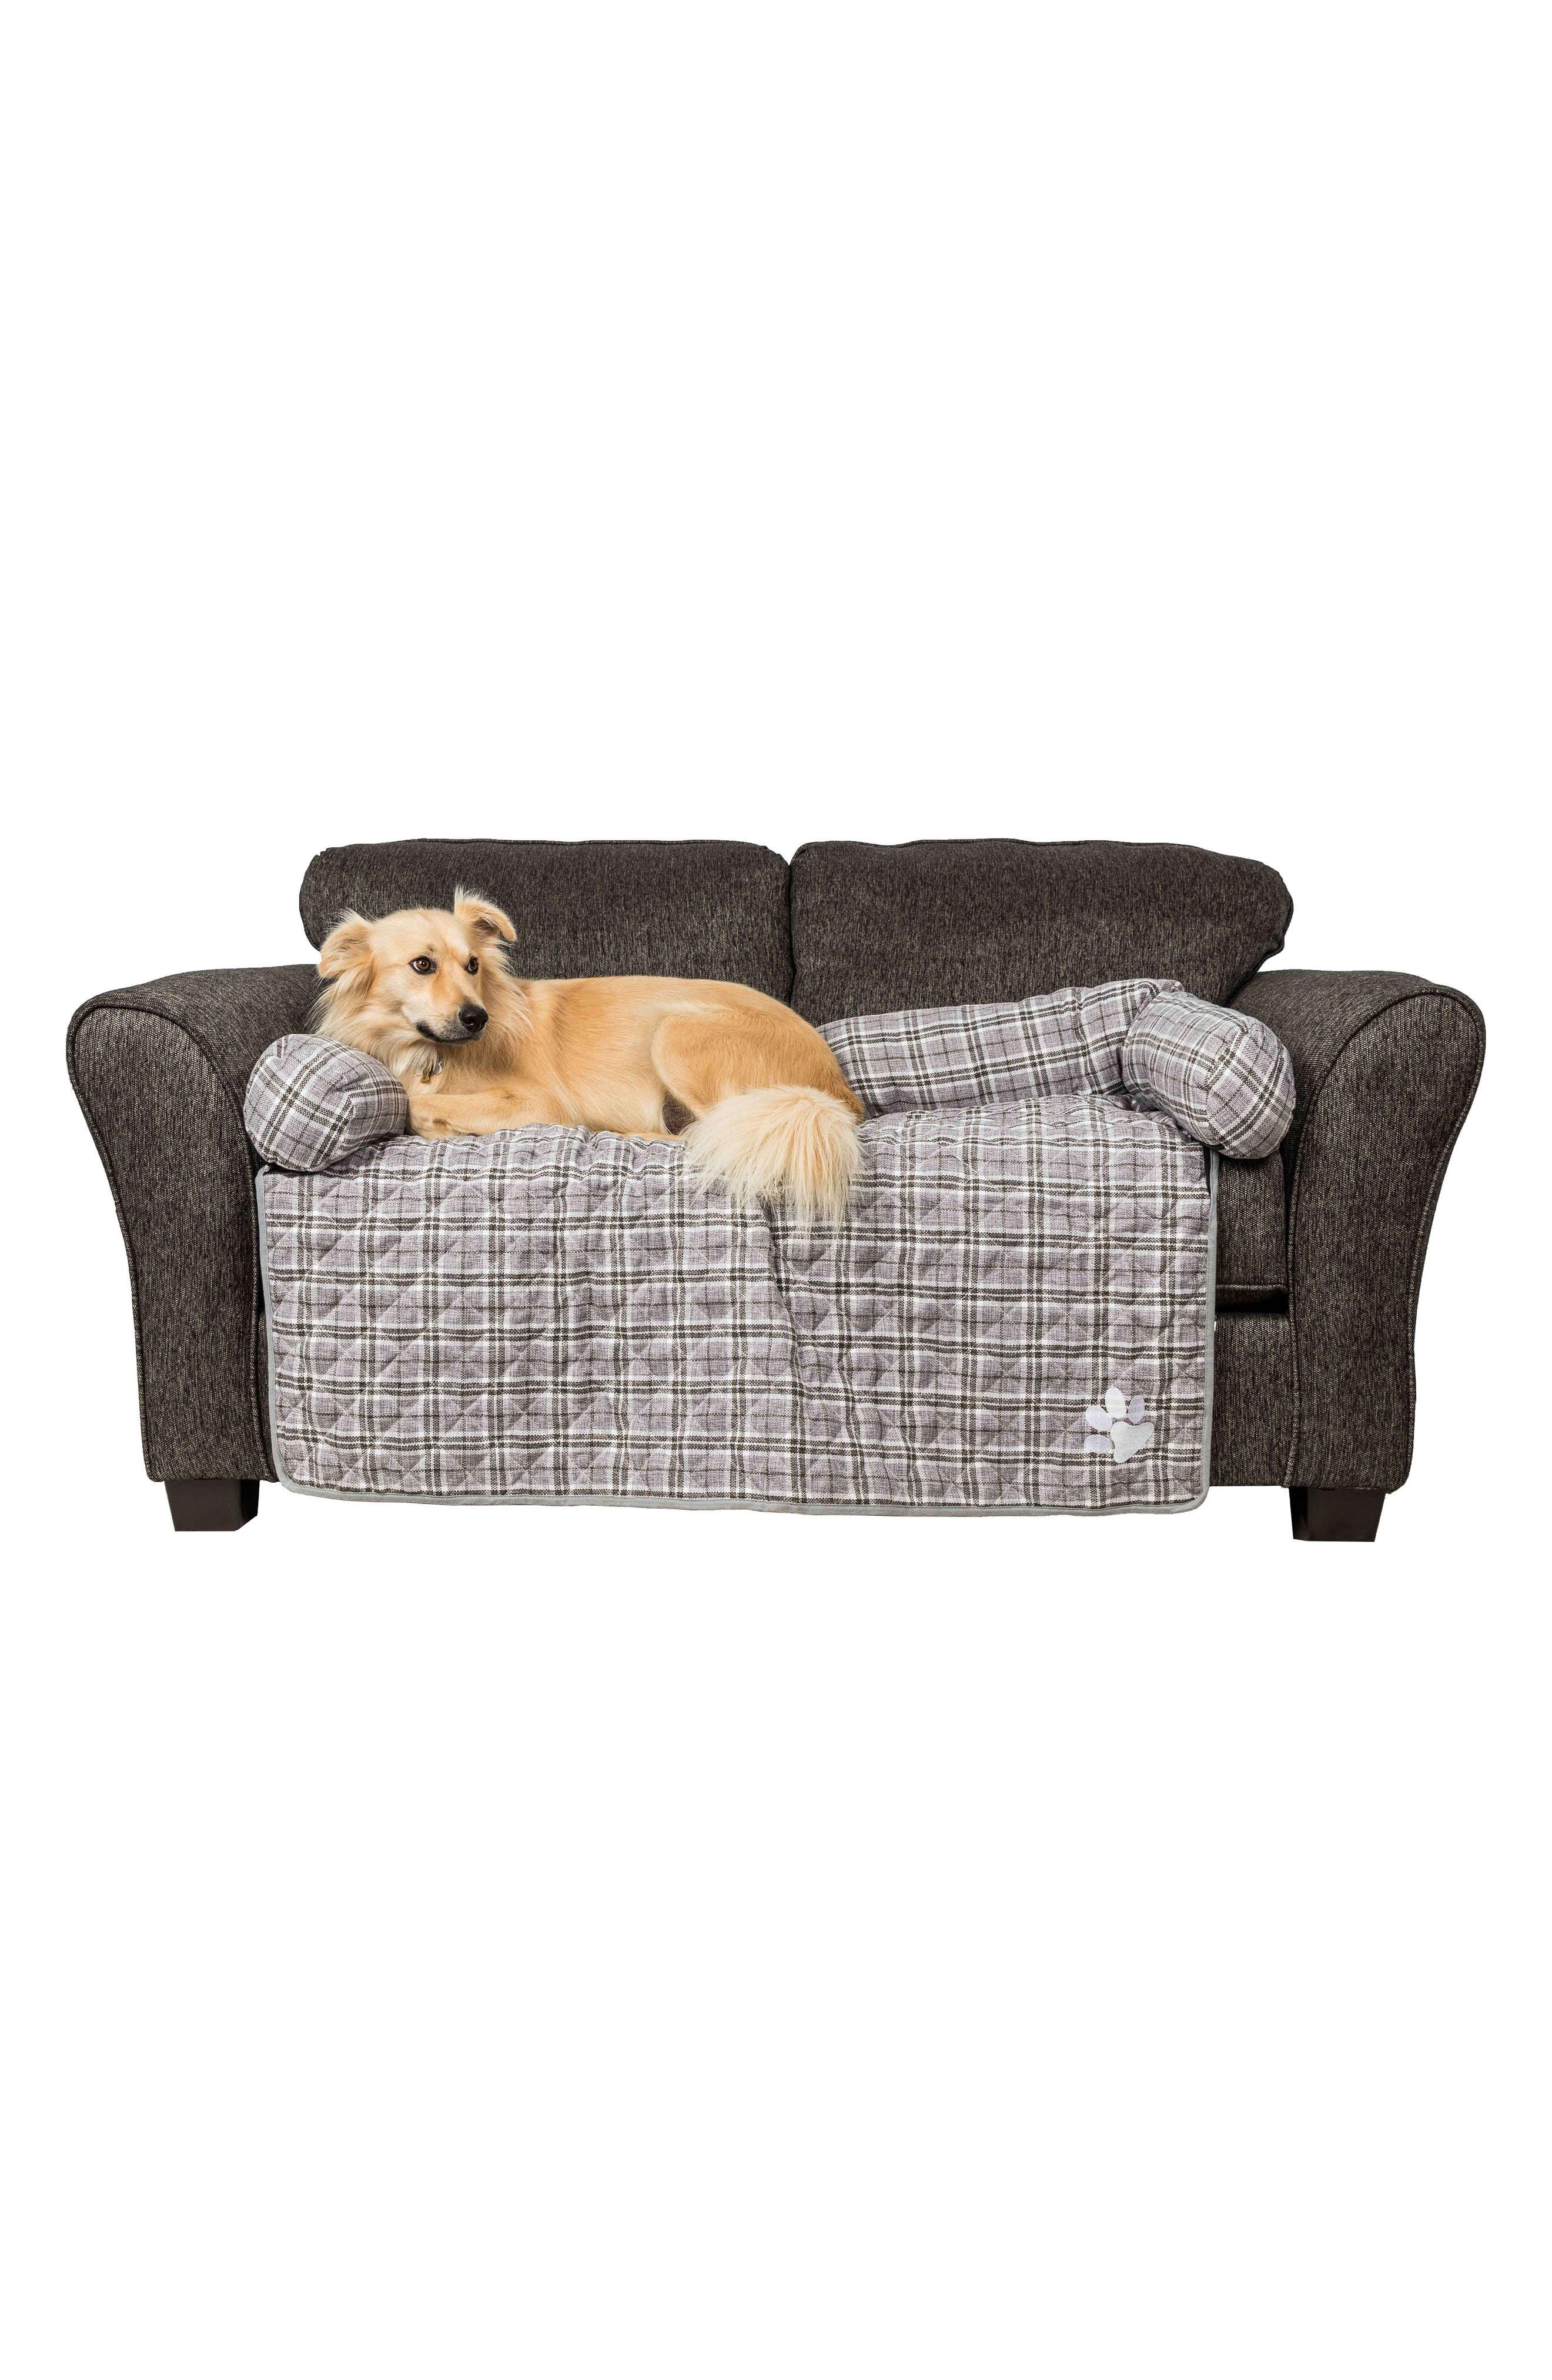 Harlee Reversible Pet Sofa Cover,                             Alternate thumbnail 3, color,                             Grey